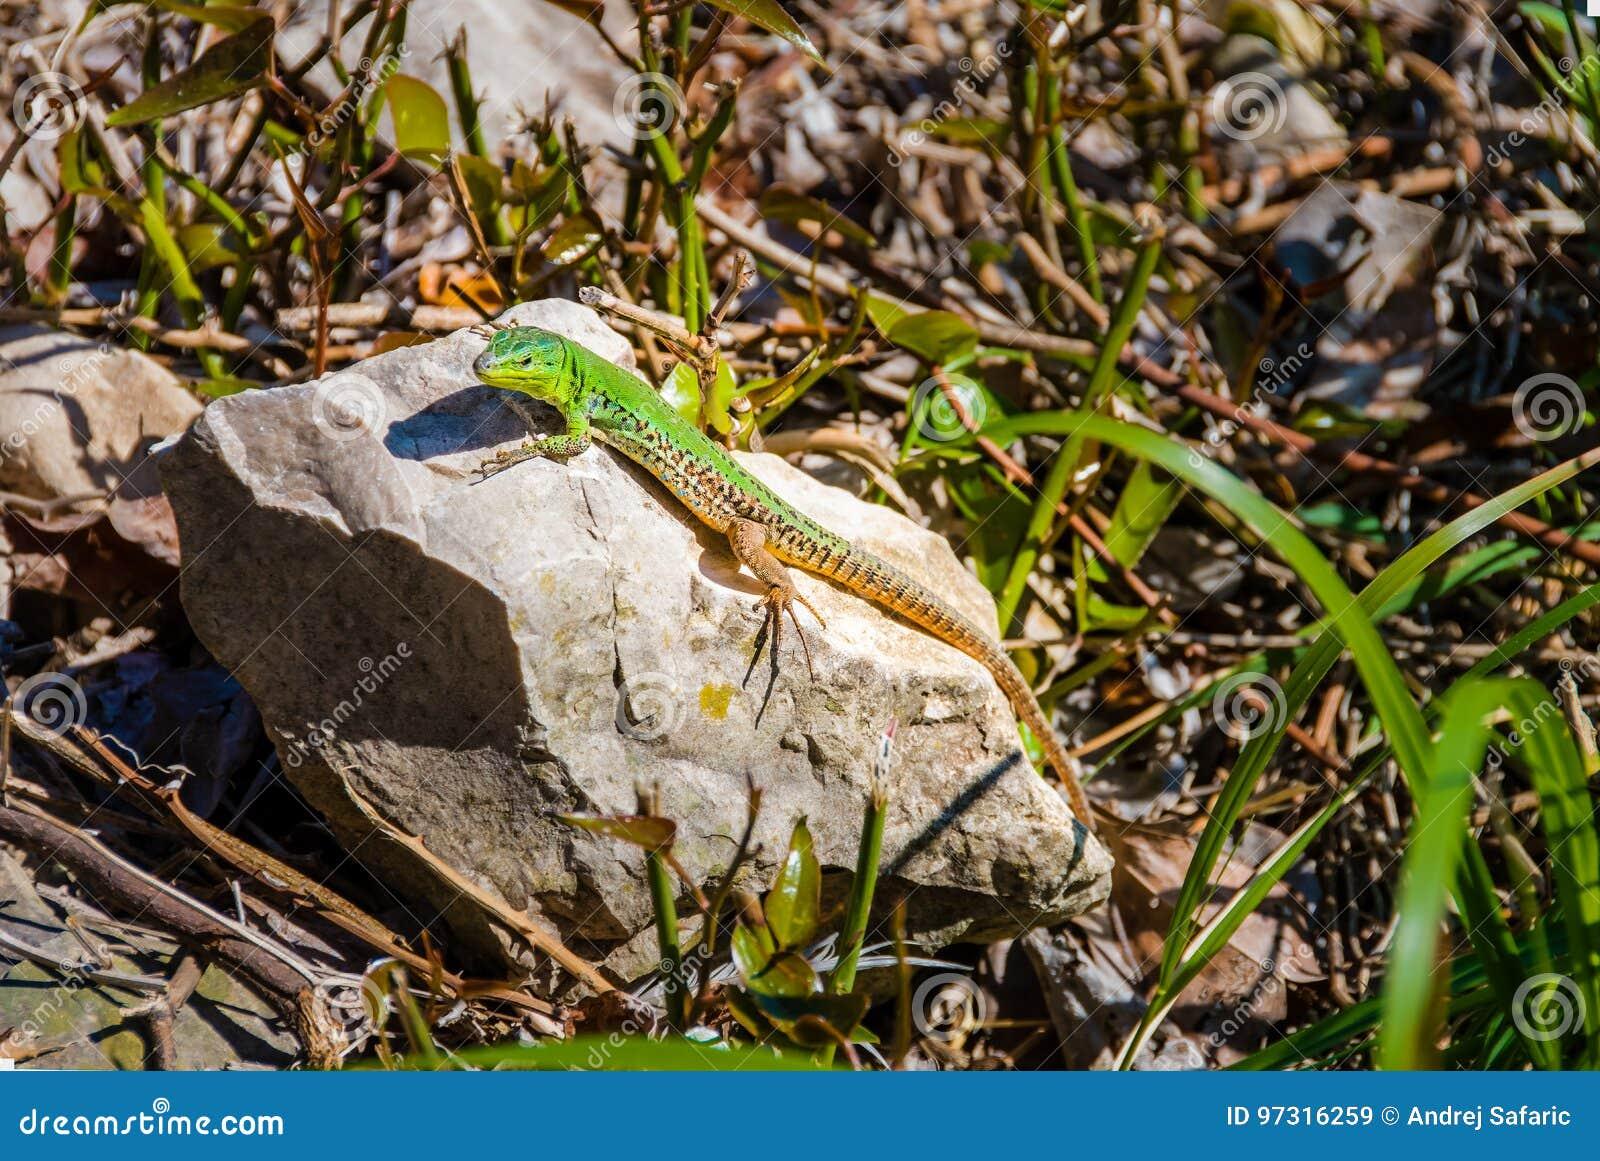 Viridis européens masculins de lacerta de lézard vert sur une roche